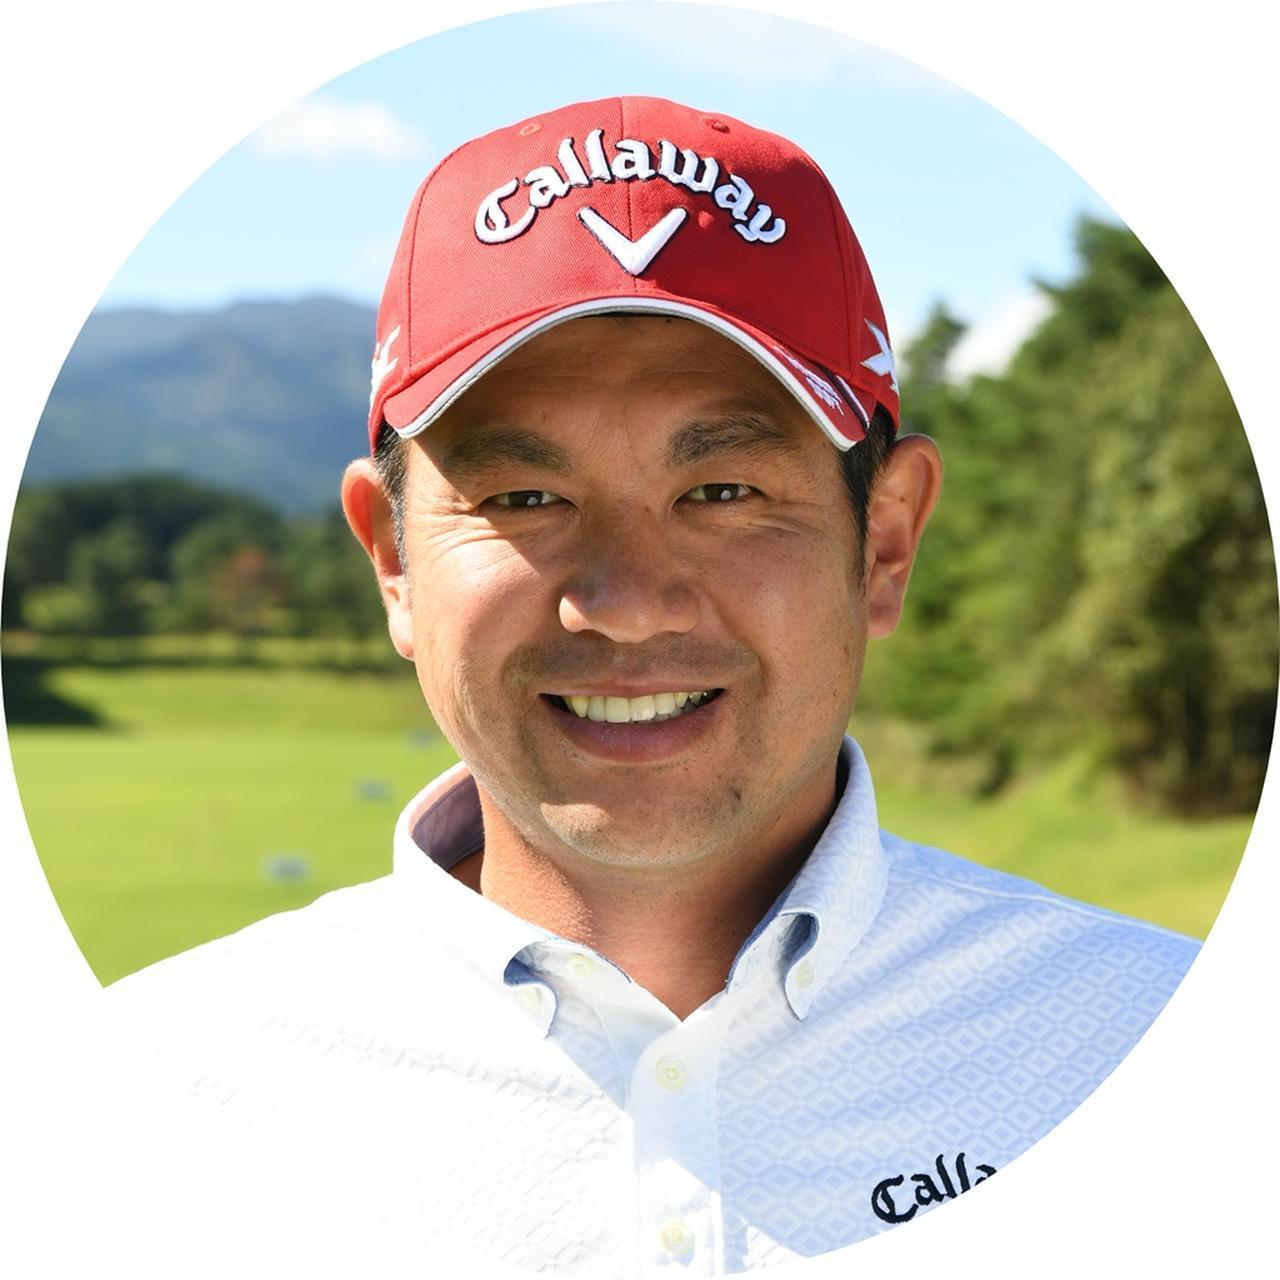 画像: 【解説】米田貴プロ よねだたかし。1977年生まれ。ETGA愛知校のチーフインストラクターとしてプロ、アマ問わずレッスンを行う